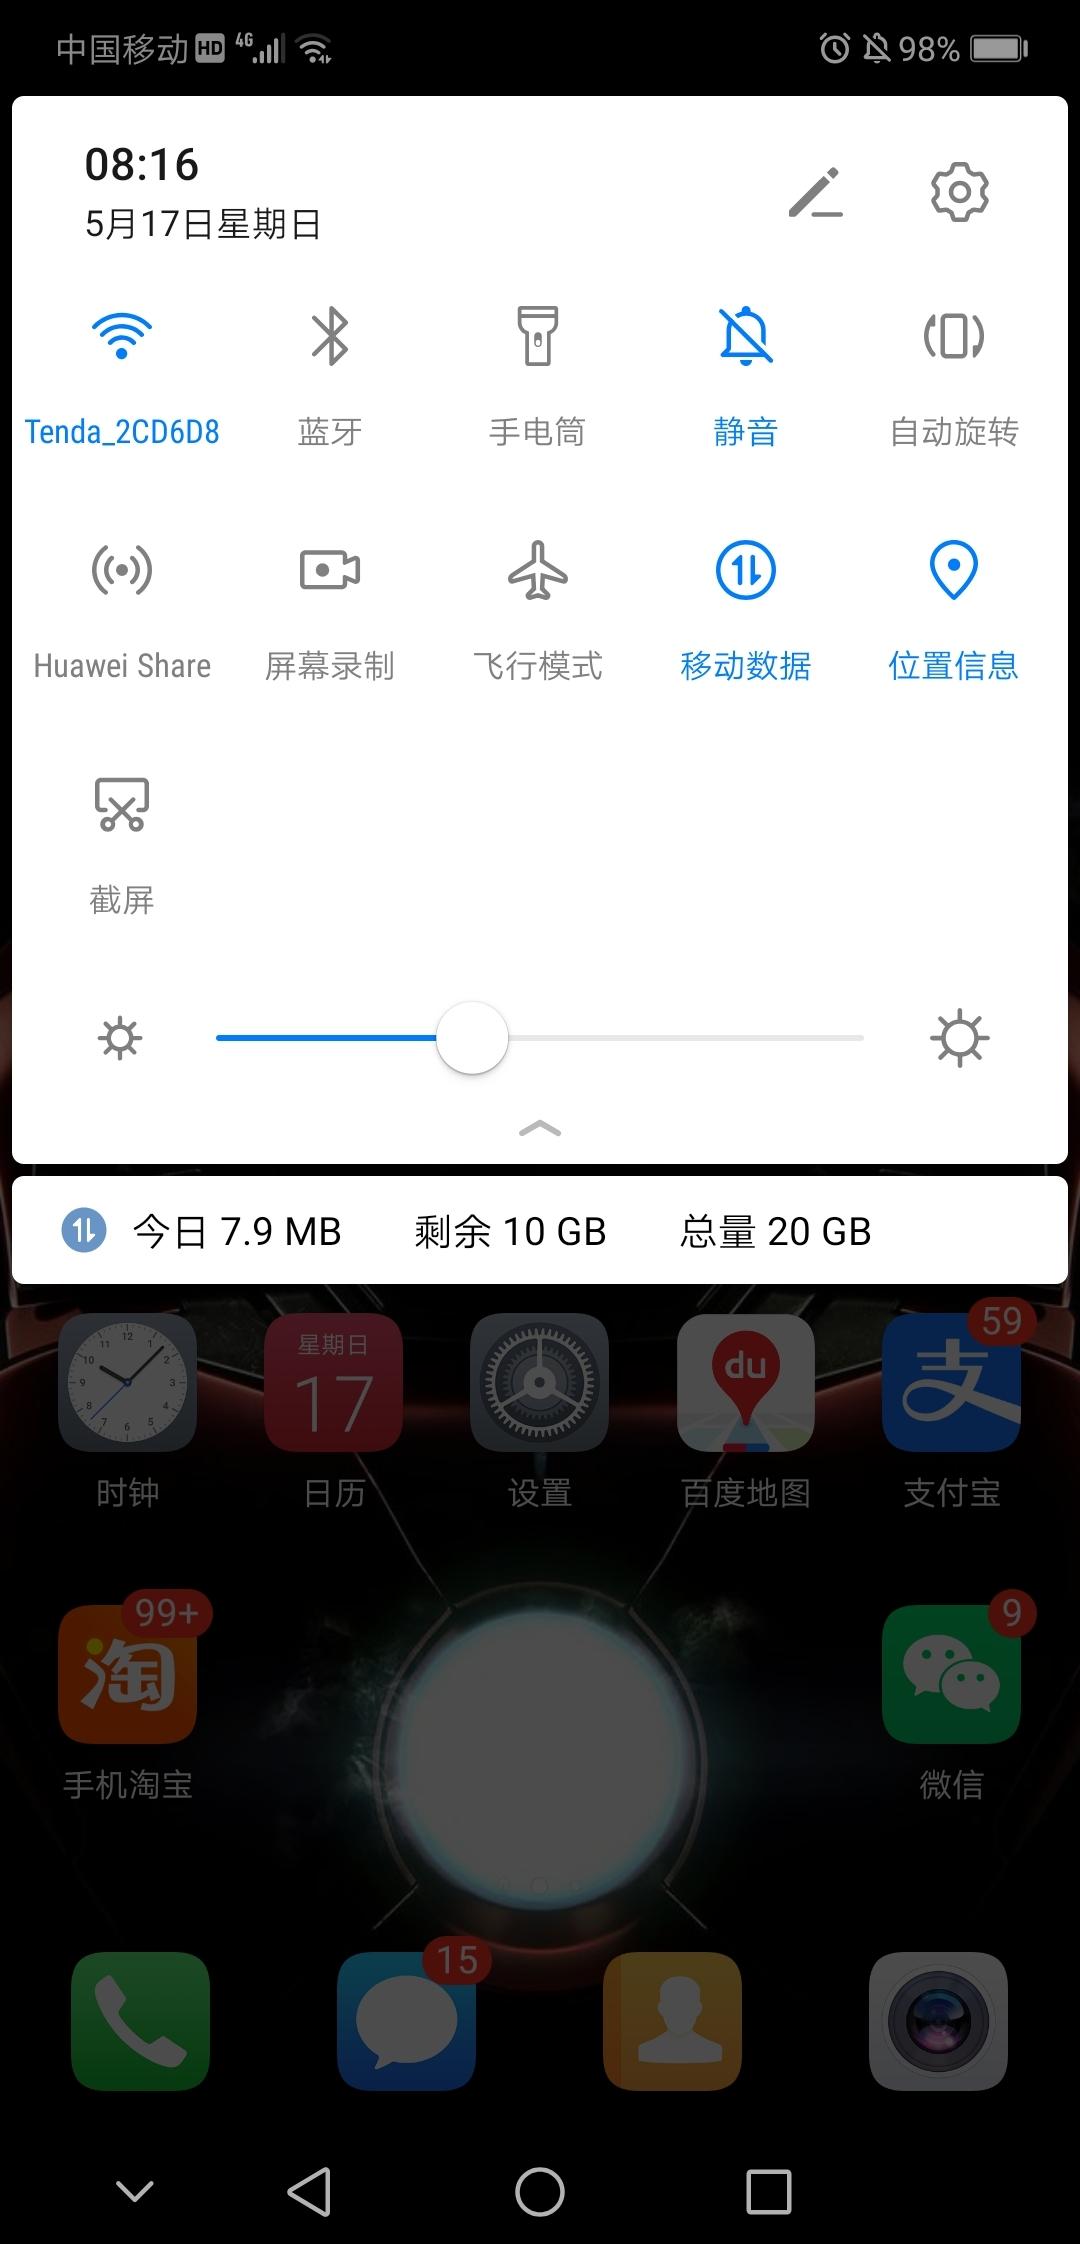 Screenshot_20200517_081648_com.huawei.android.launcher.jpg